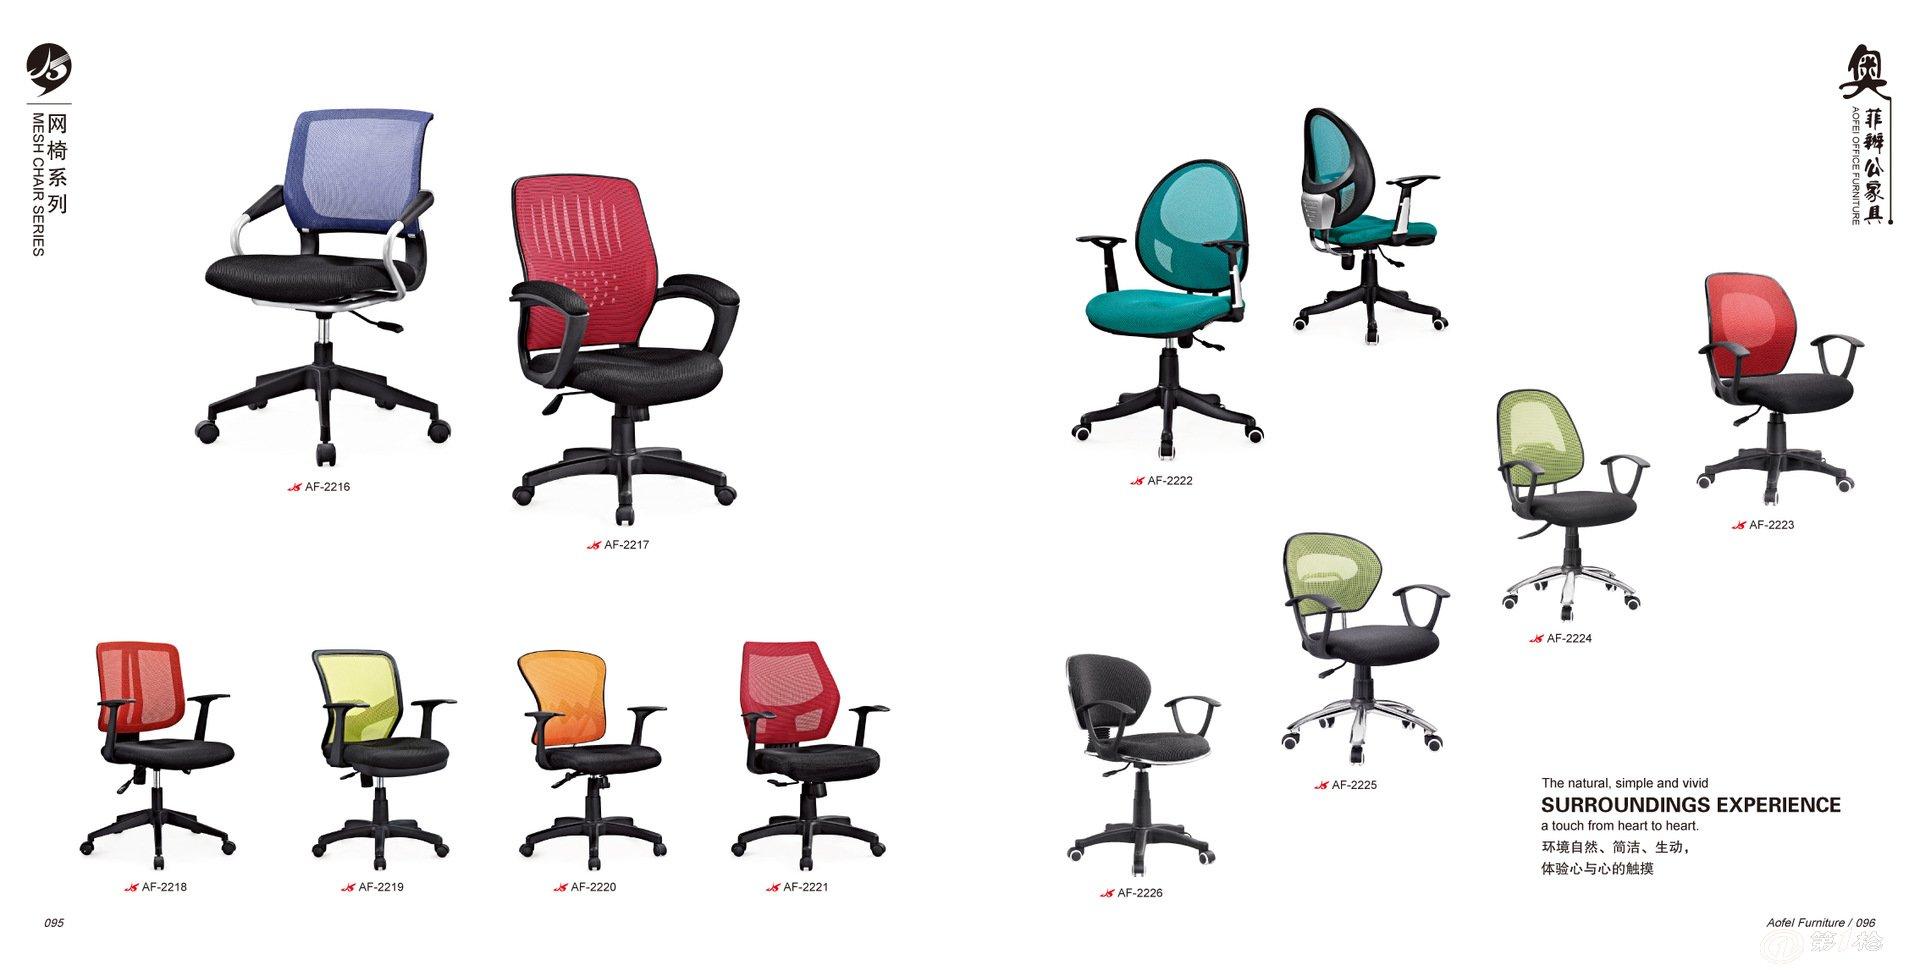 af-2219办公椅 升降电脑椅 人体工学椅 网椅 厂家直销